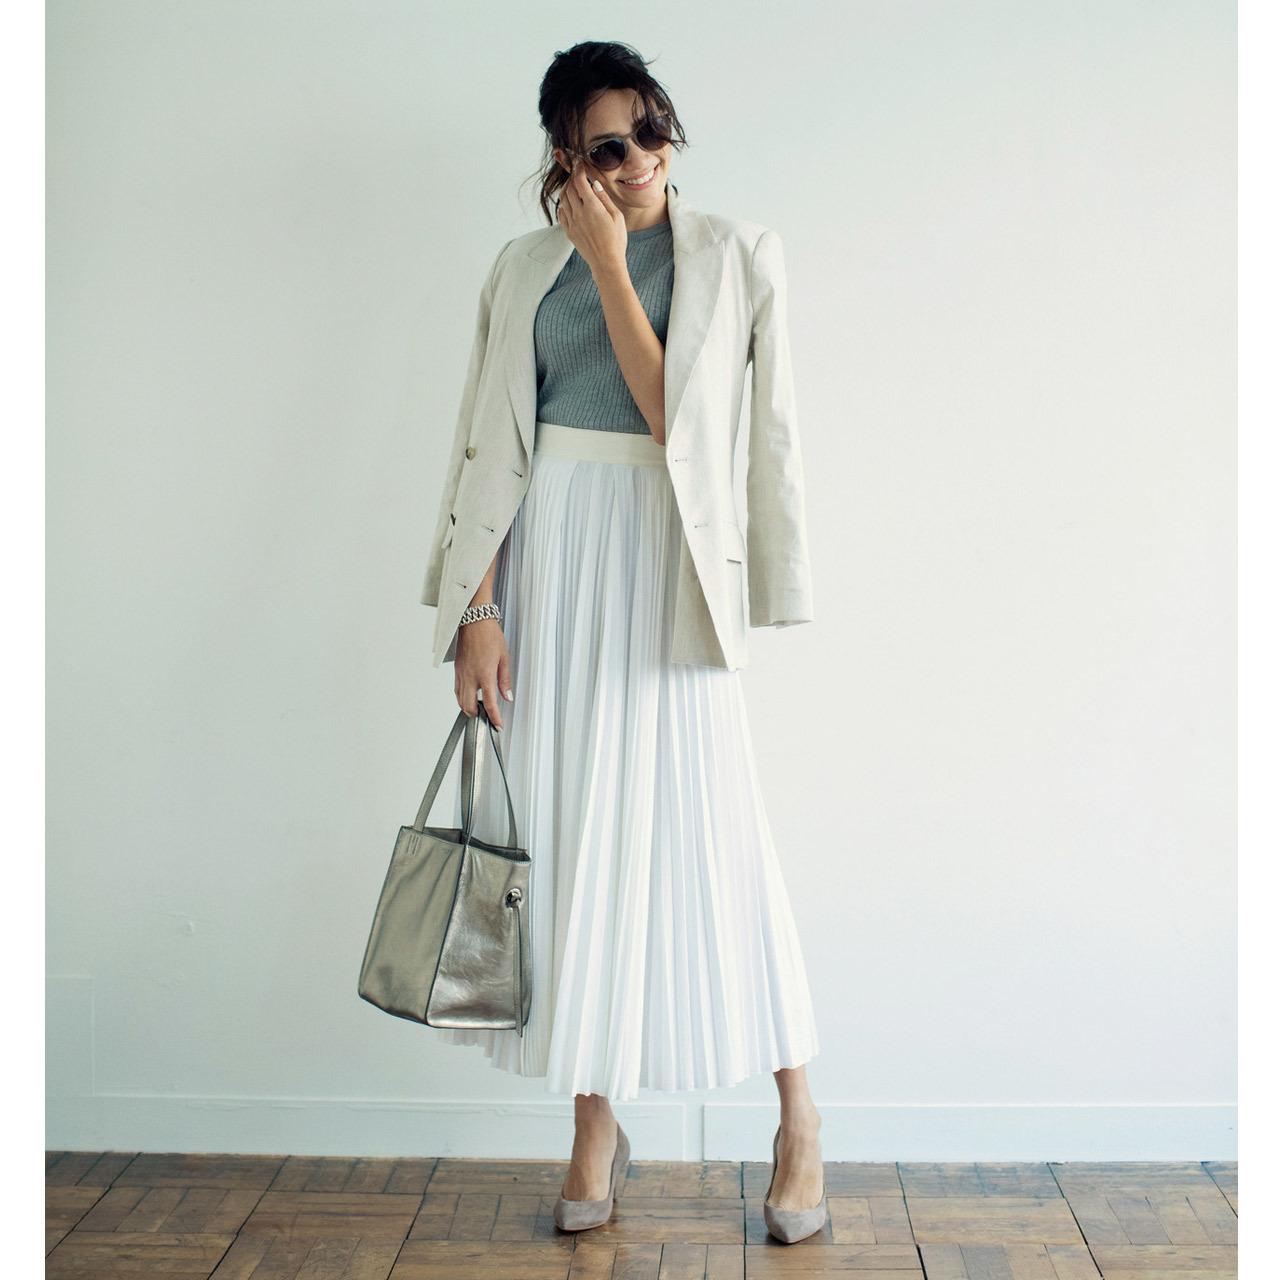 ベージュジャケット×白スカートコーデ